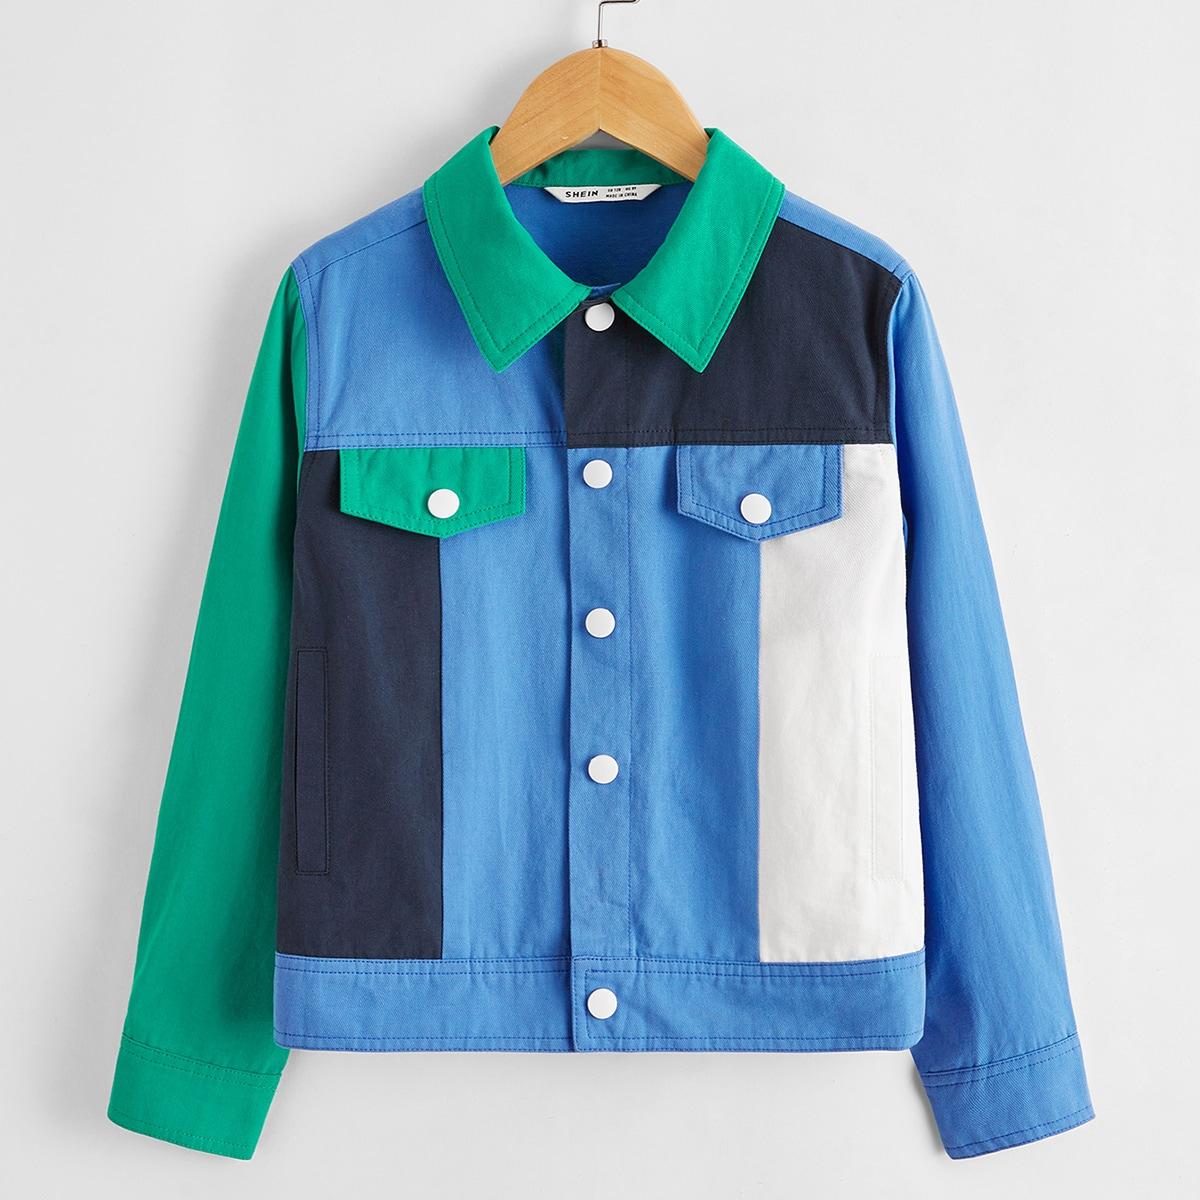 Однобортный контрастный цвет повседневный куртки для мальчиков